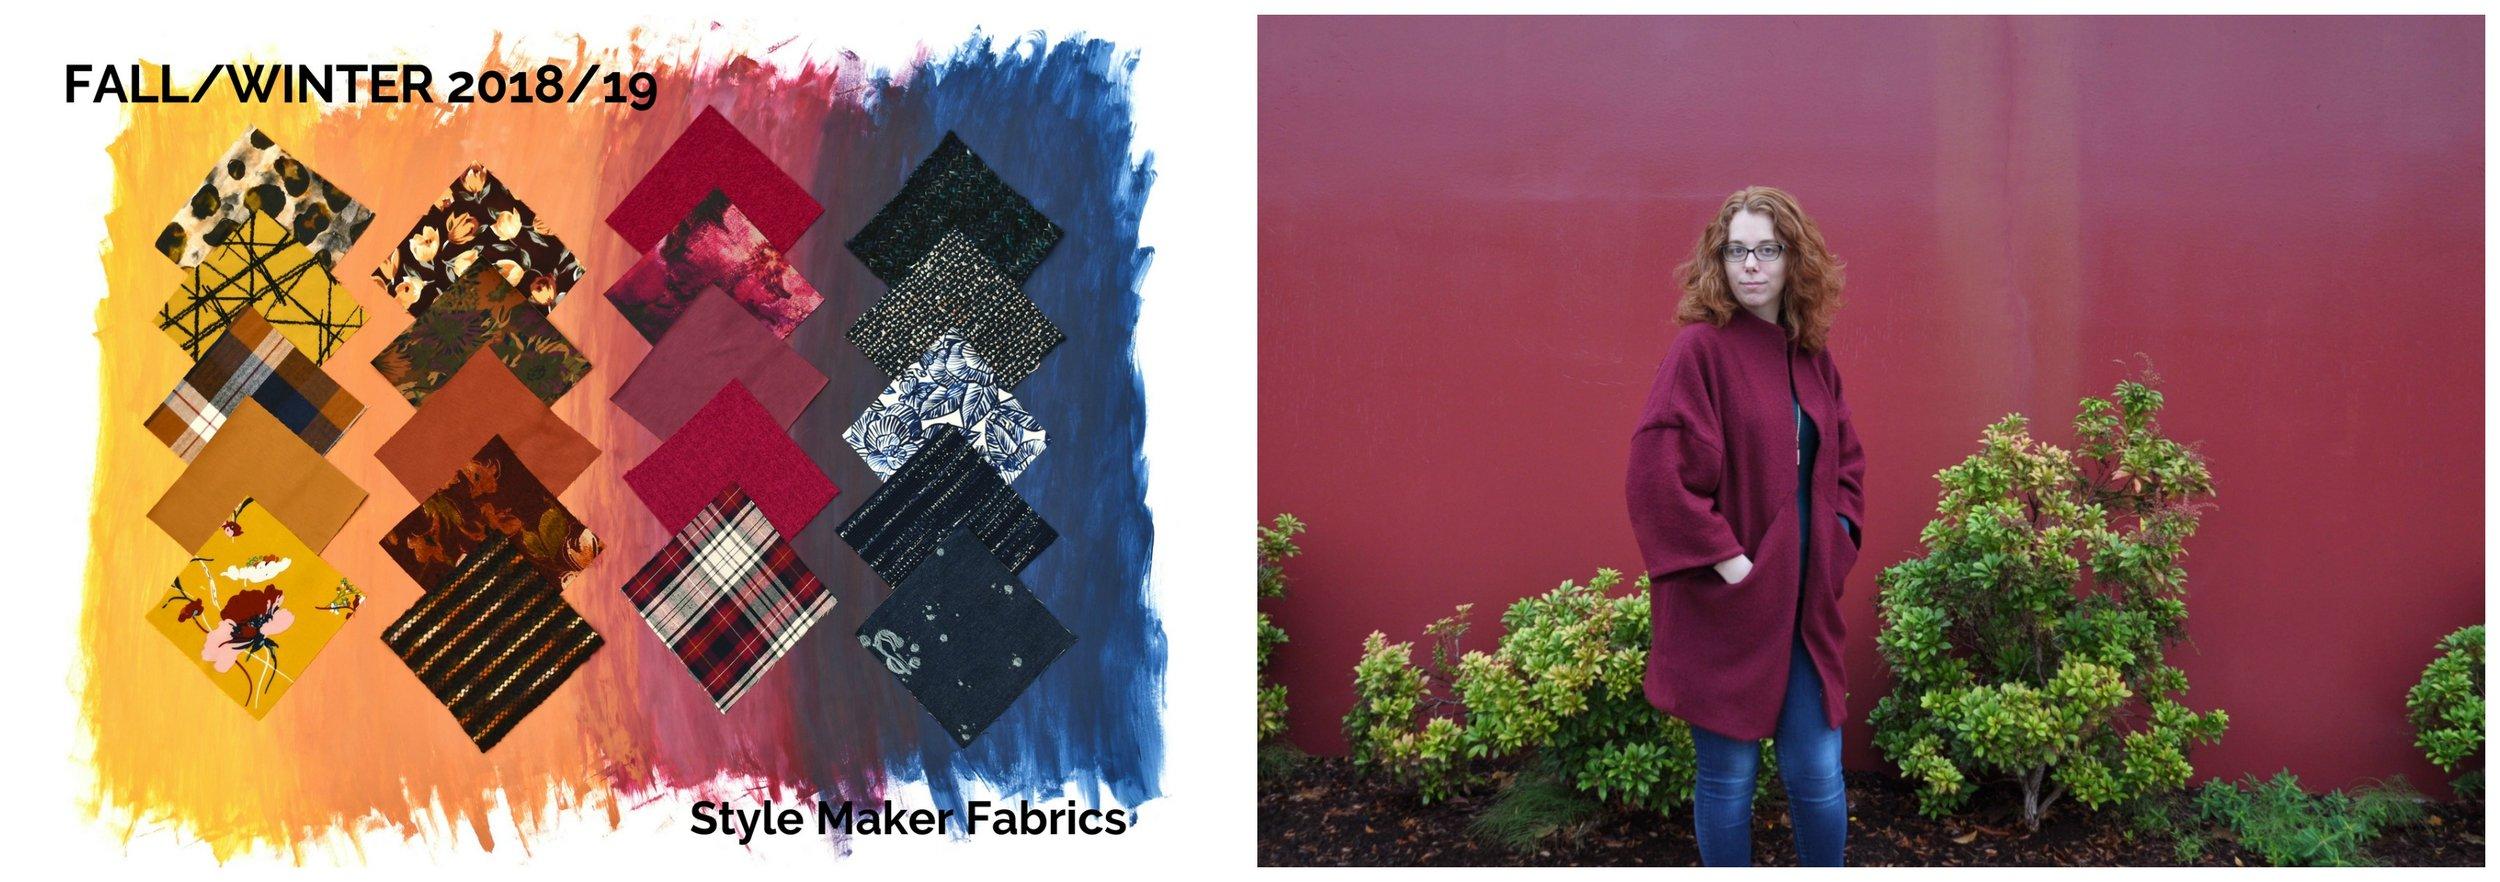 Stylemaker collage1.jpg